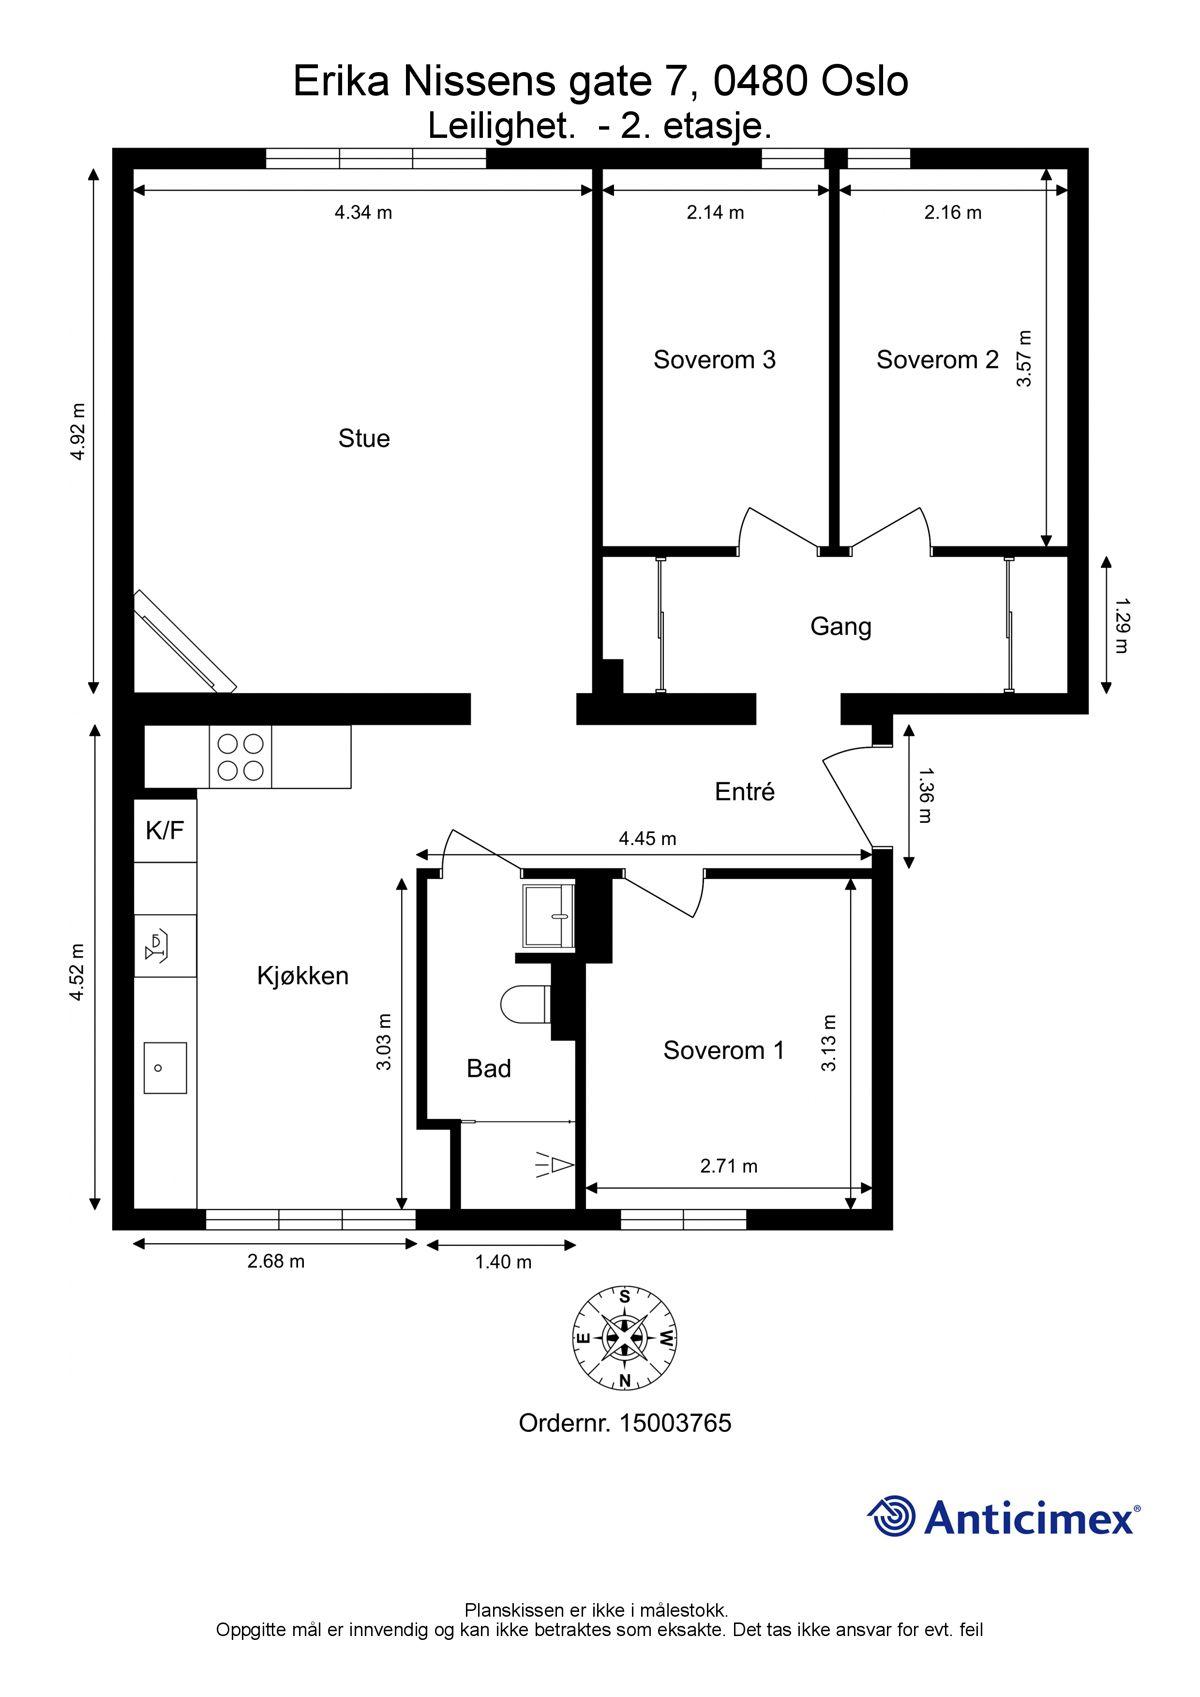 Erika Nissens gate 7 Plantegning. I tillegg disponerer leiligheten en kjellerbod på ca. 5m², samt en loftsbod på ca. 3m².